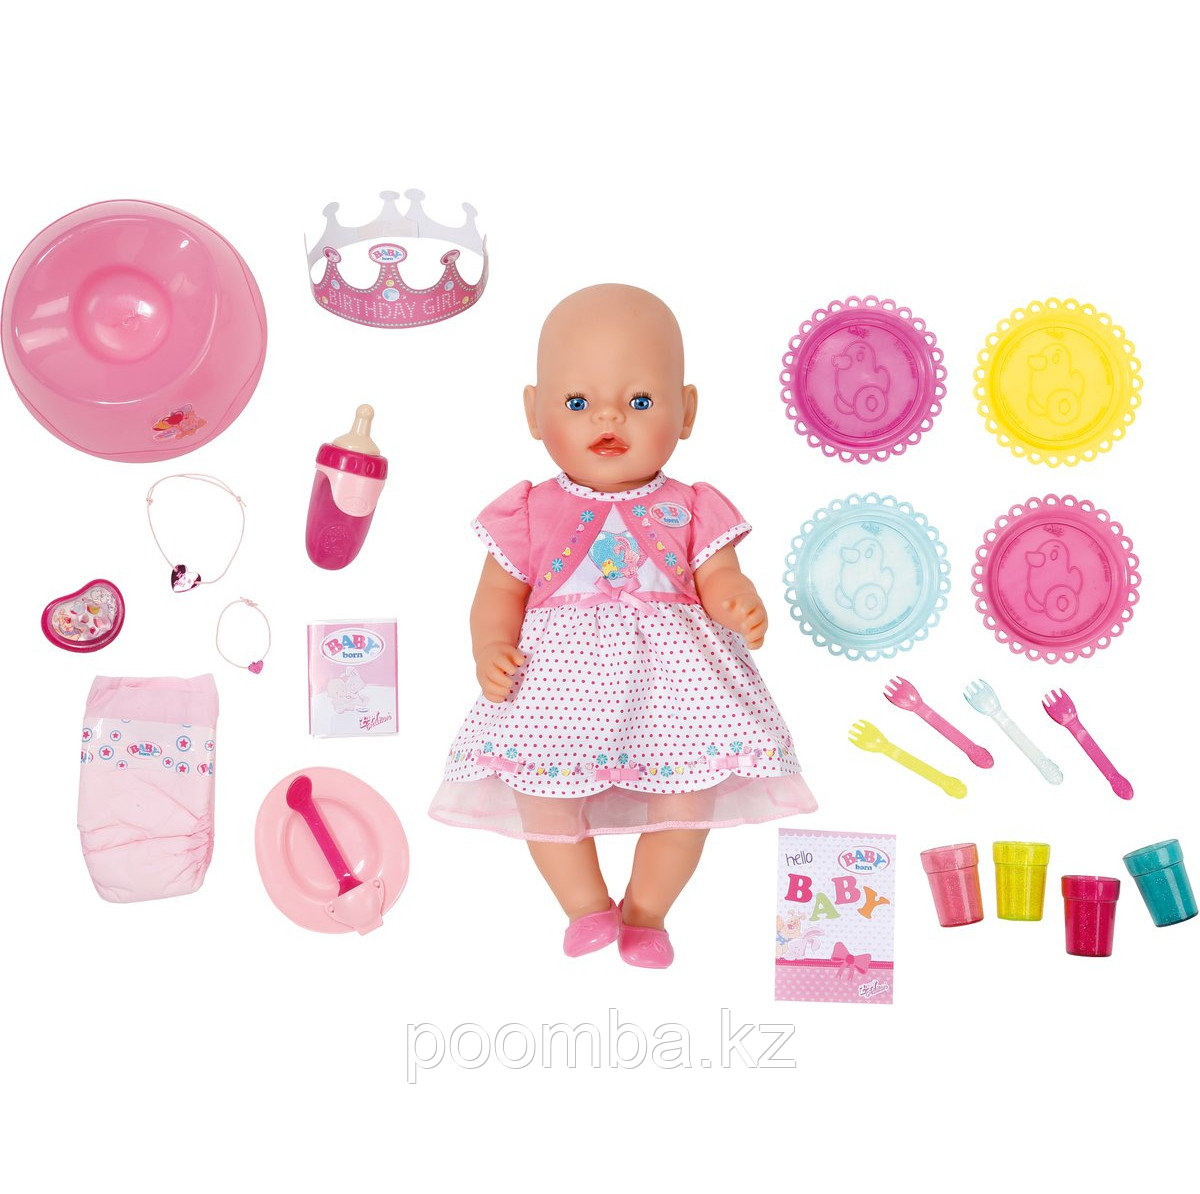 """Интерактивная кукла Baby Born """"Праздничная"""" 43 см."""